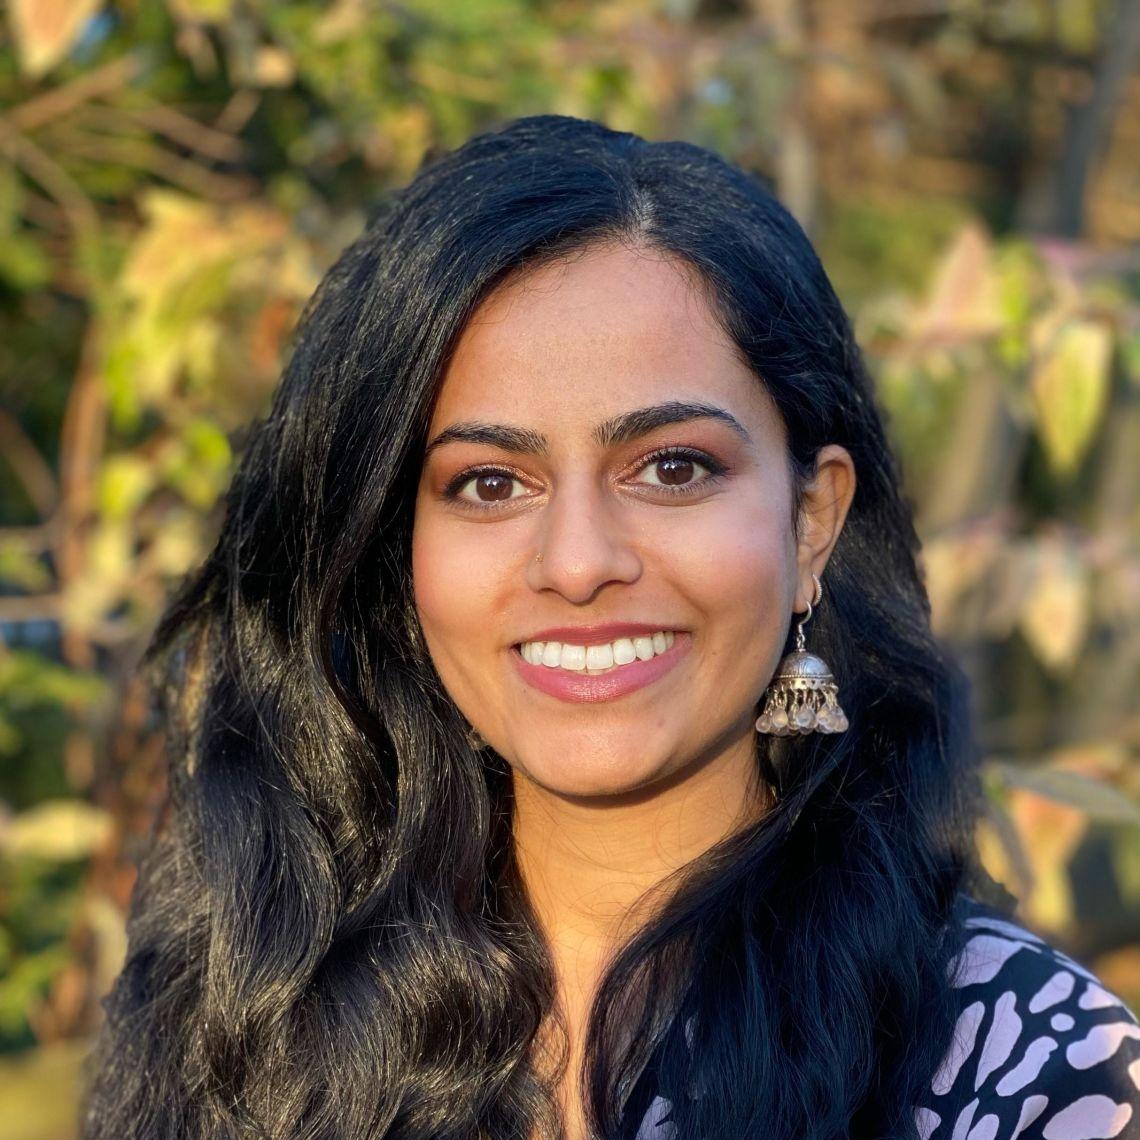 Trishna Desai